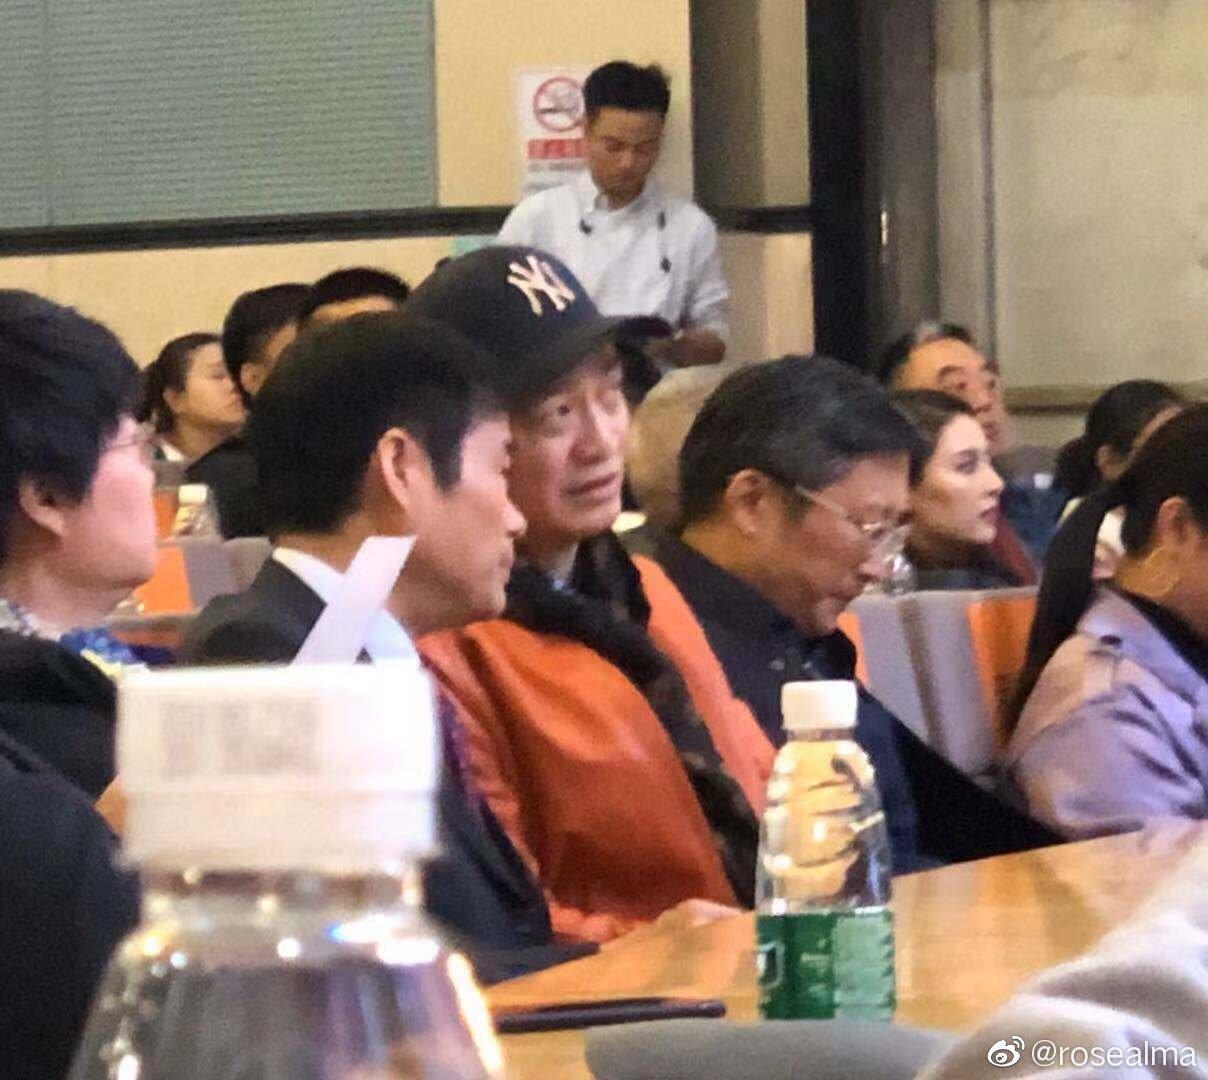 图为微博刊出的崔永元(图中穿红色夹克衫)11月7日出席口述历史活动的场面